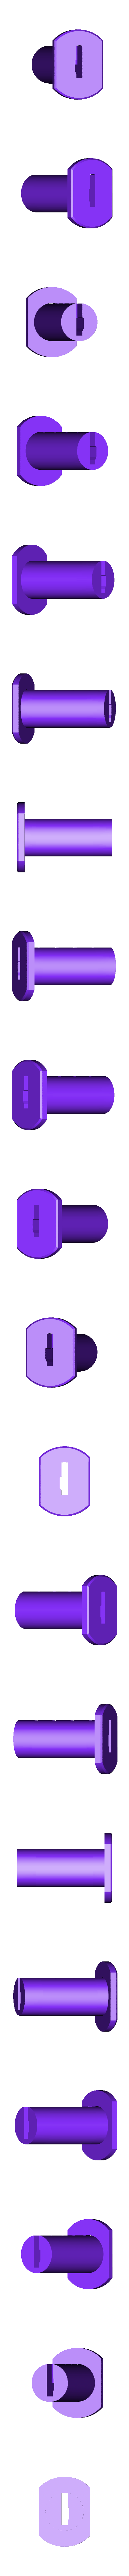 1904-07_Part02.stl Download free STL file 3D printed lock • 3D printer design, EL3D